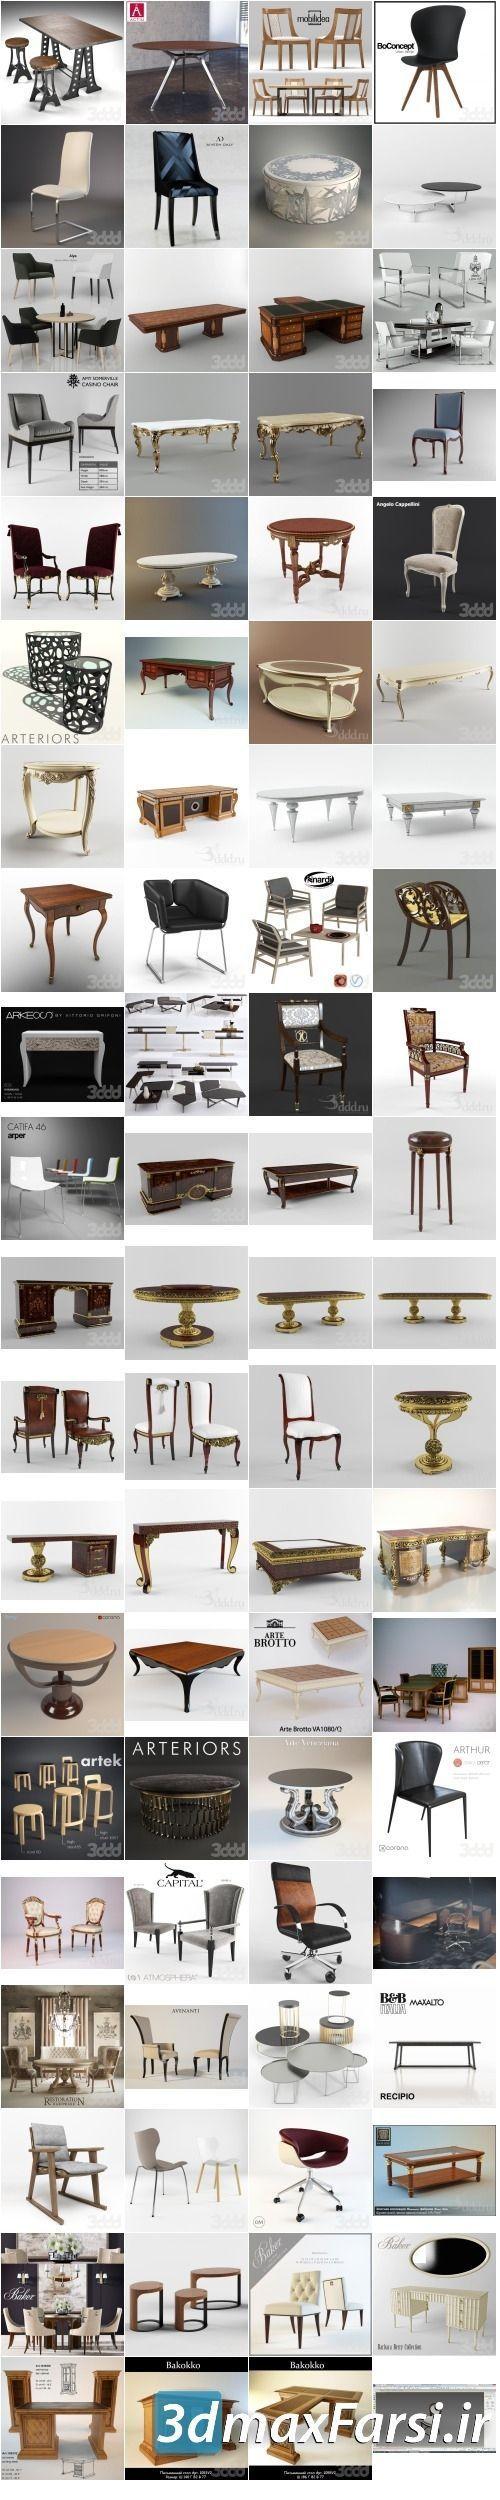 دانلود آبجکت میز و صندلی برای دکوراسیون رندر داخلی